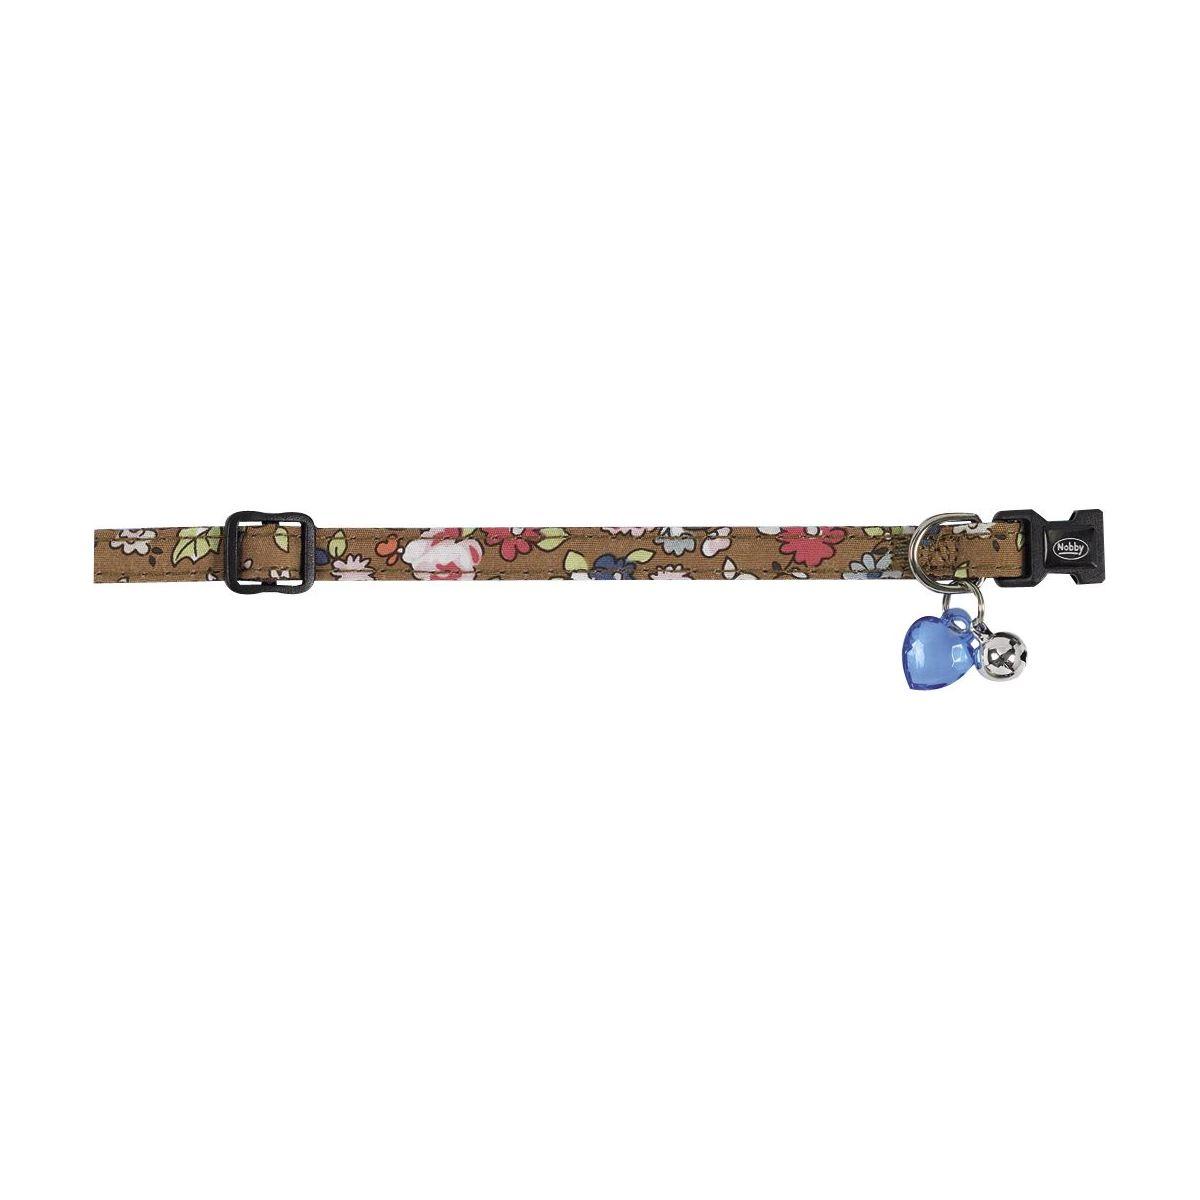 Ошейник Nobby для кошек, цветочный, коричневый, 10мм